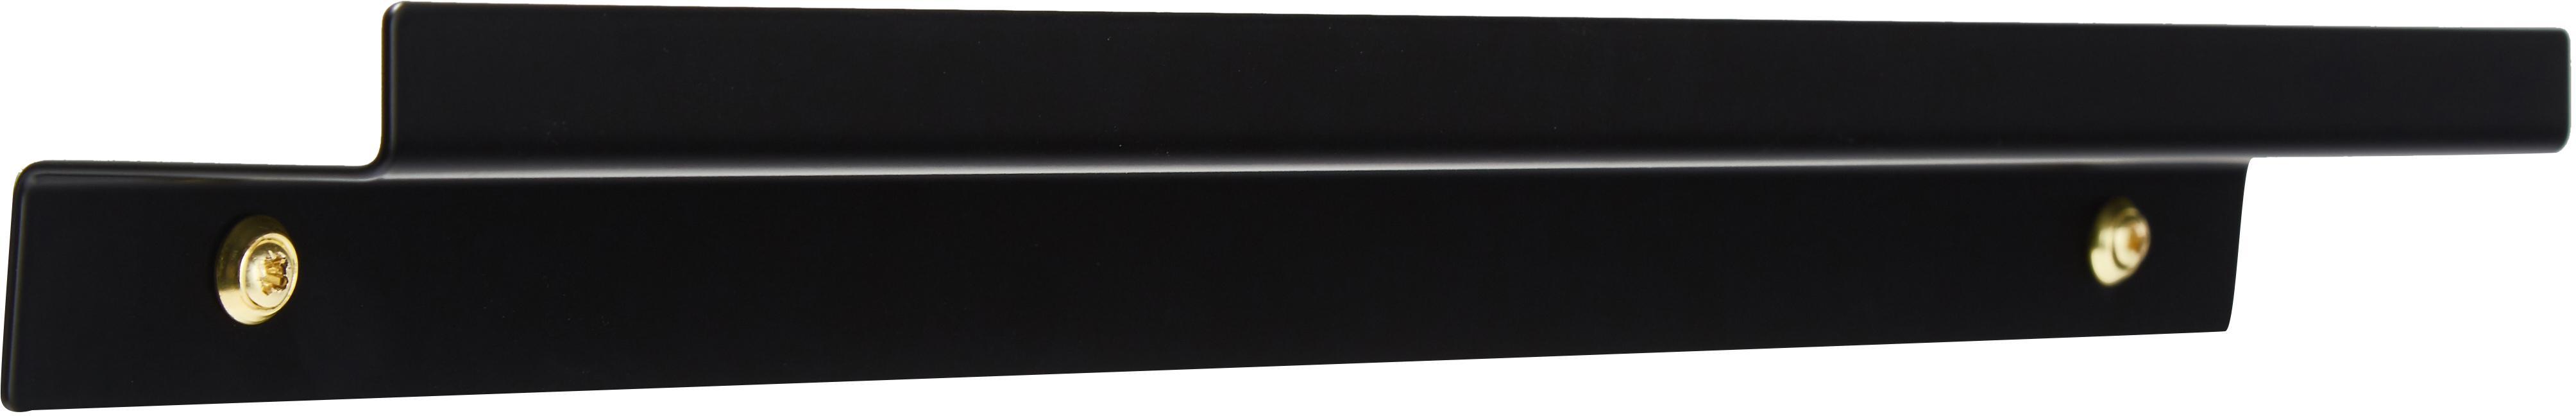 Wąska półka na zdjęcia Shelfini, Czarny, mosiądz, S 50 x W 6 cm